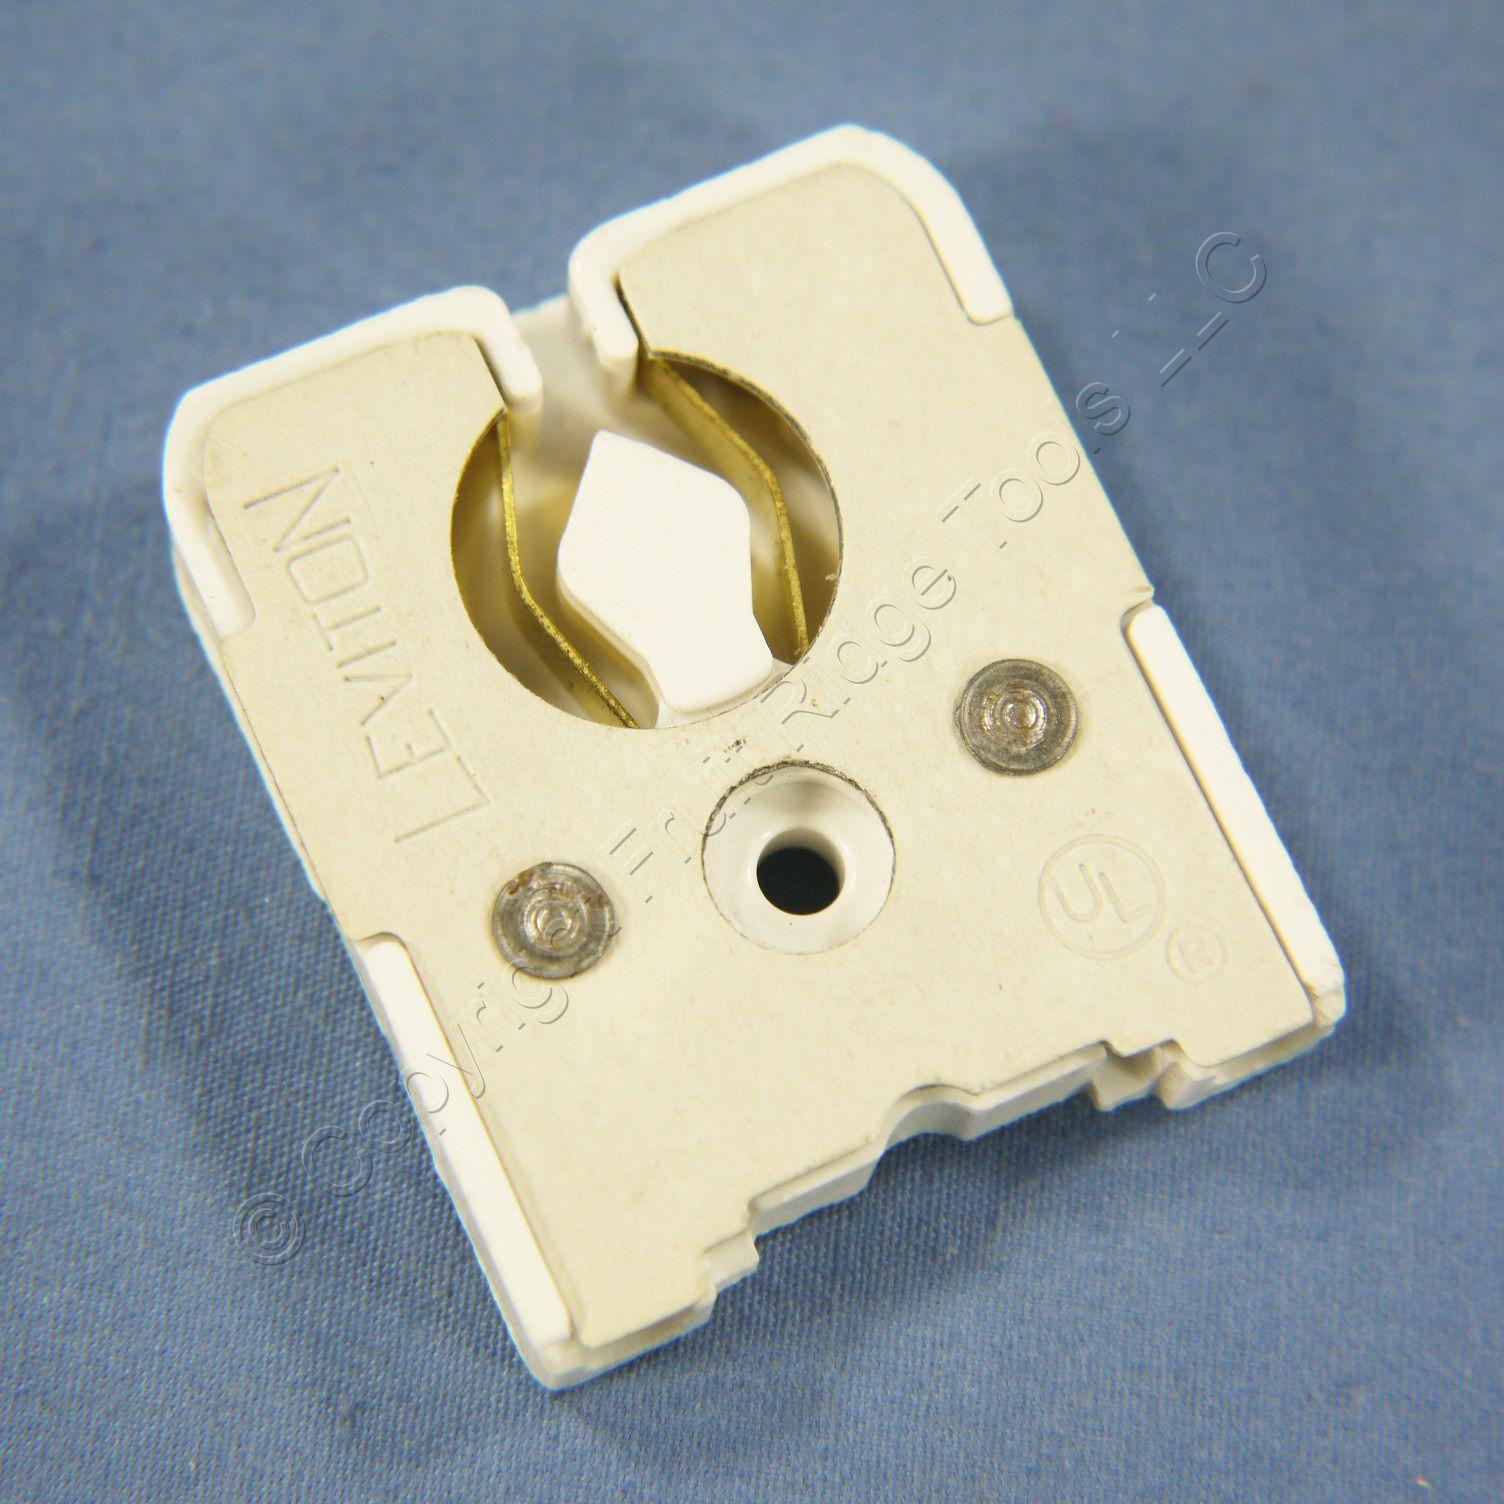 fluorescent light holder pioneer avh p3100dvd wiring diagram leviton lamp t8 t12 socket g13 base